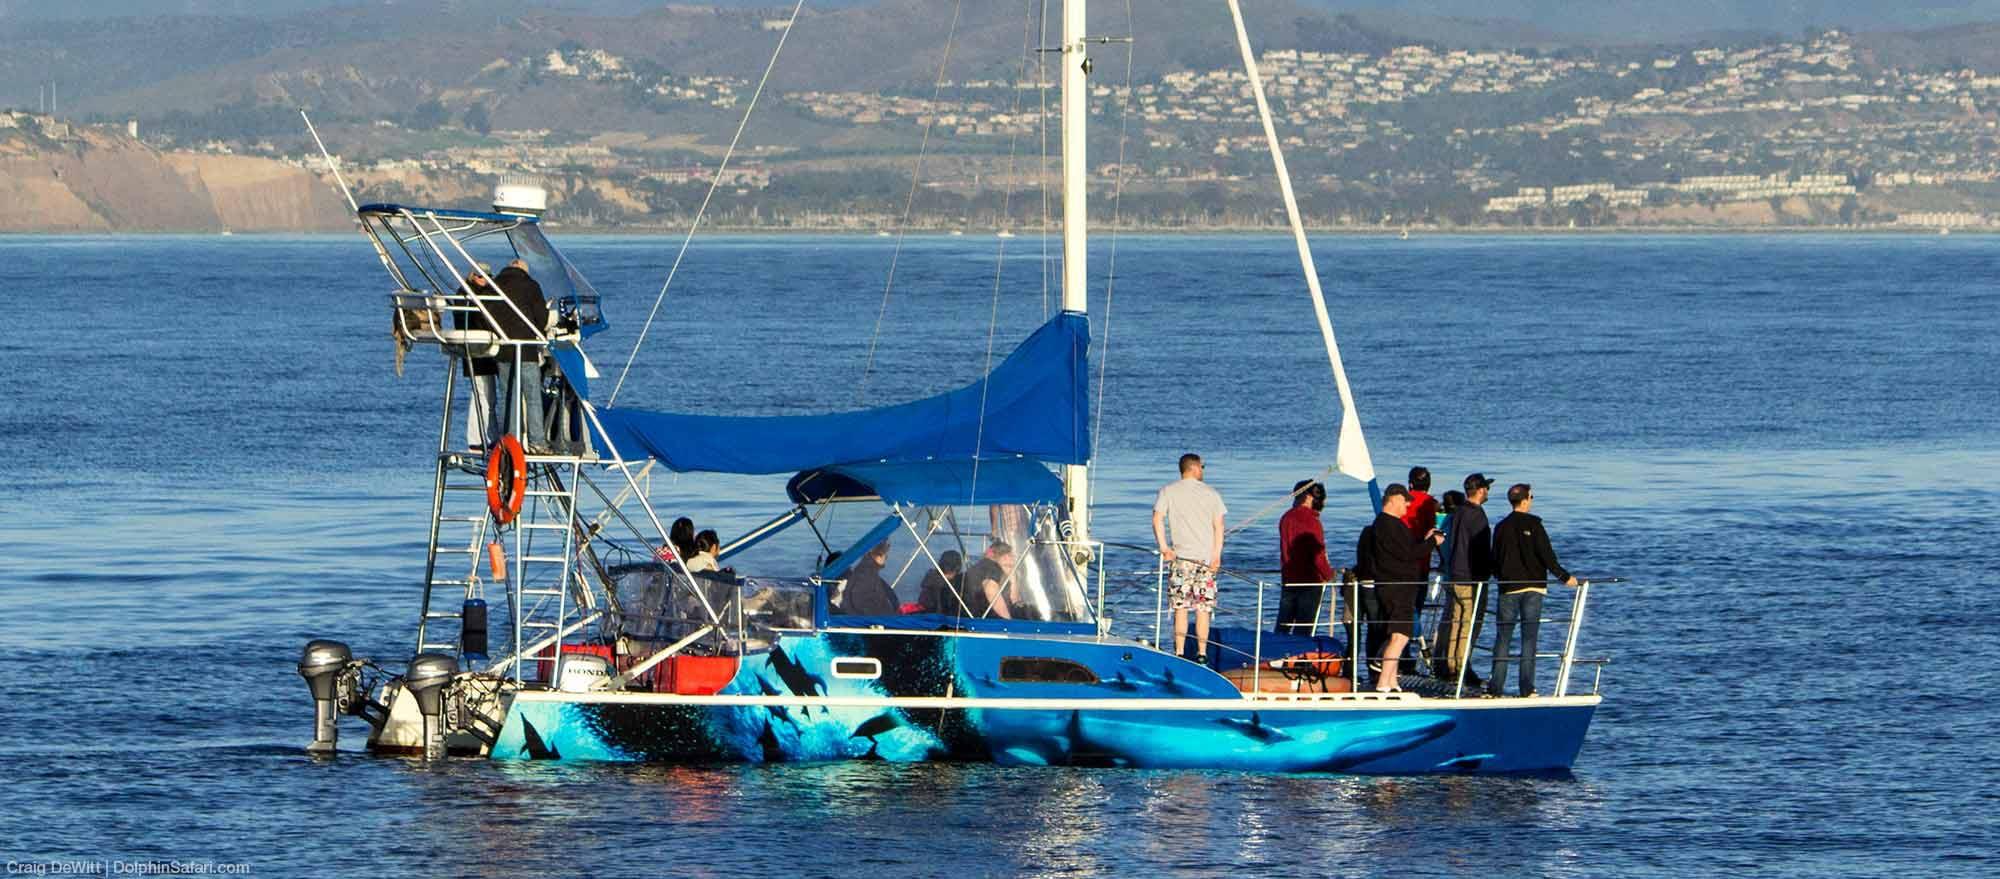 DolphinSafari Boat